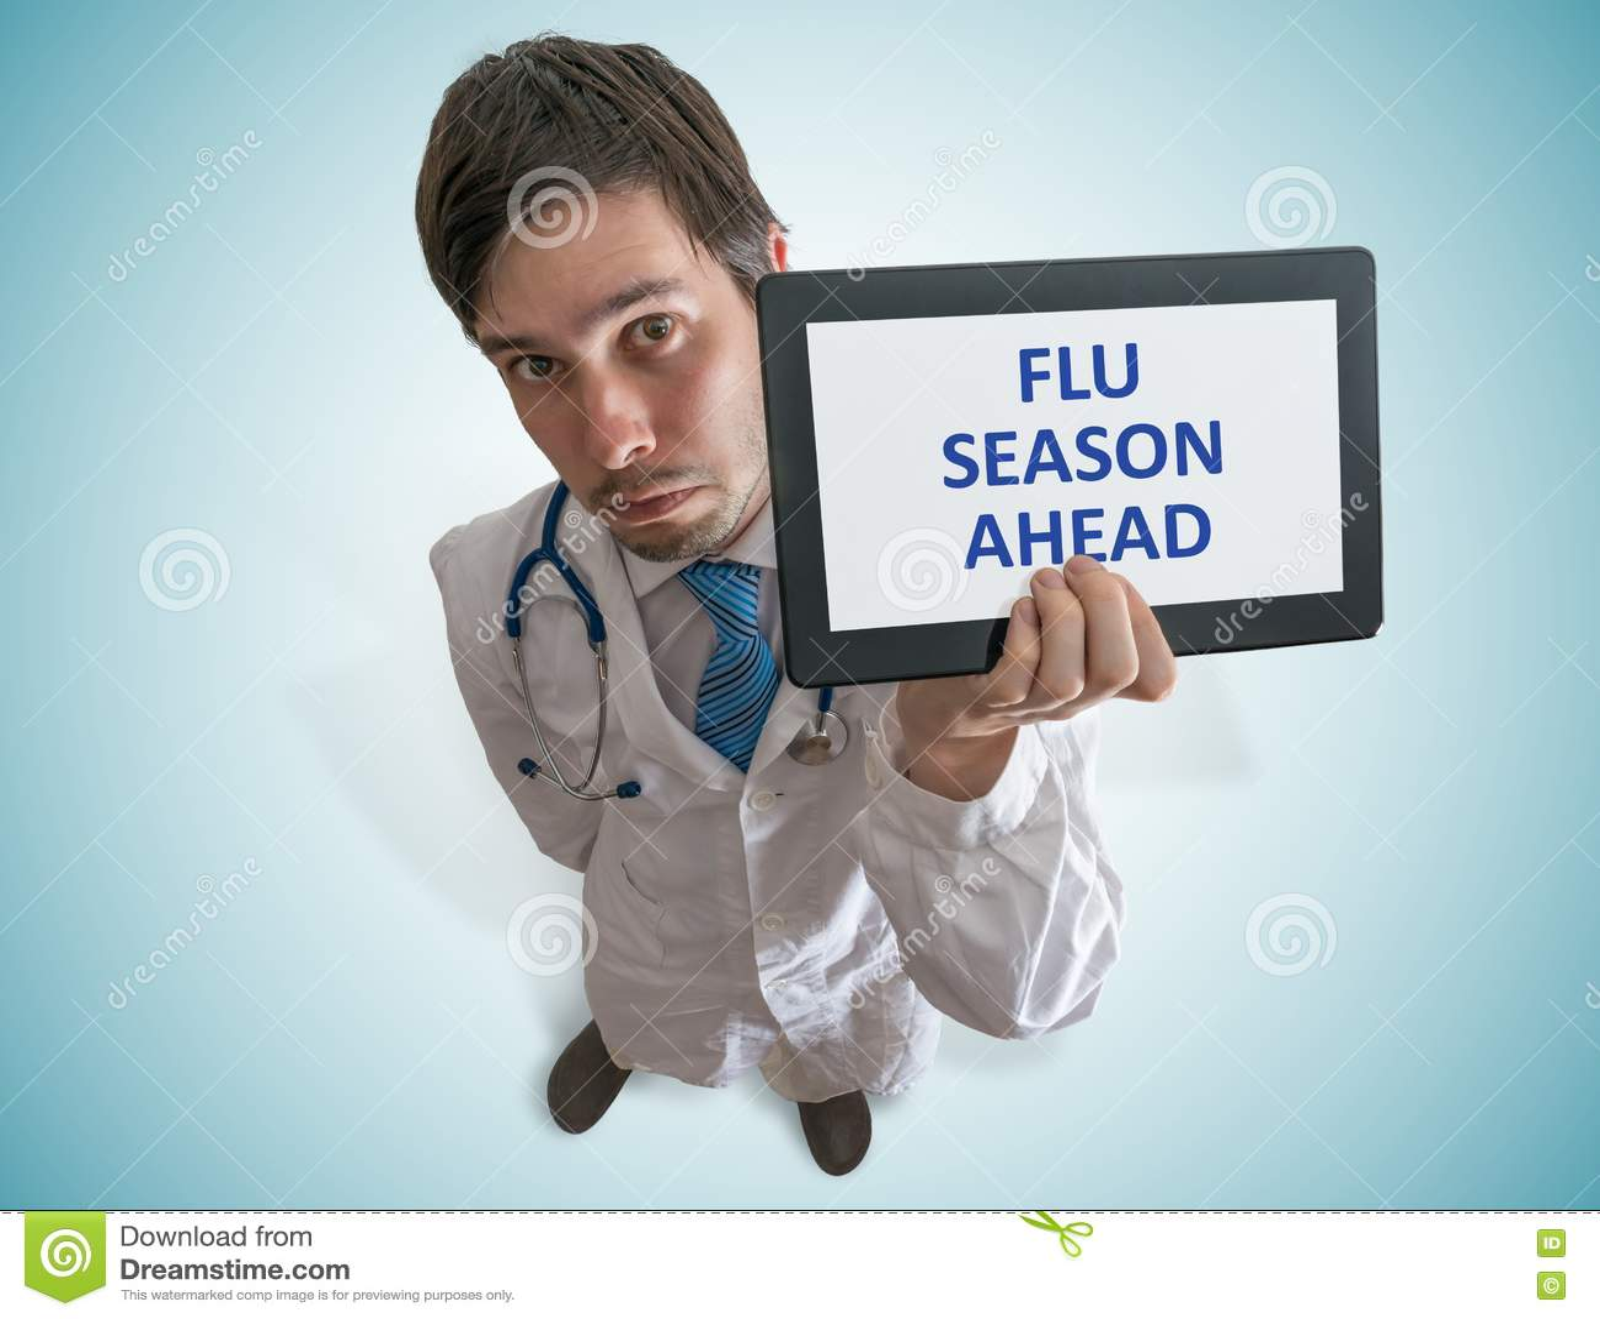 Medico sta mettendo in guardia contro la stagione di influenza avanti Vista dalla parte superiore